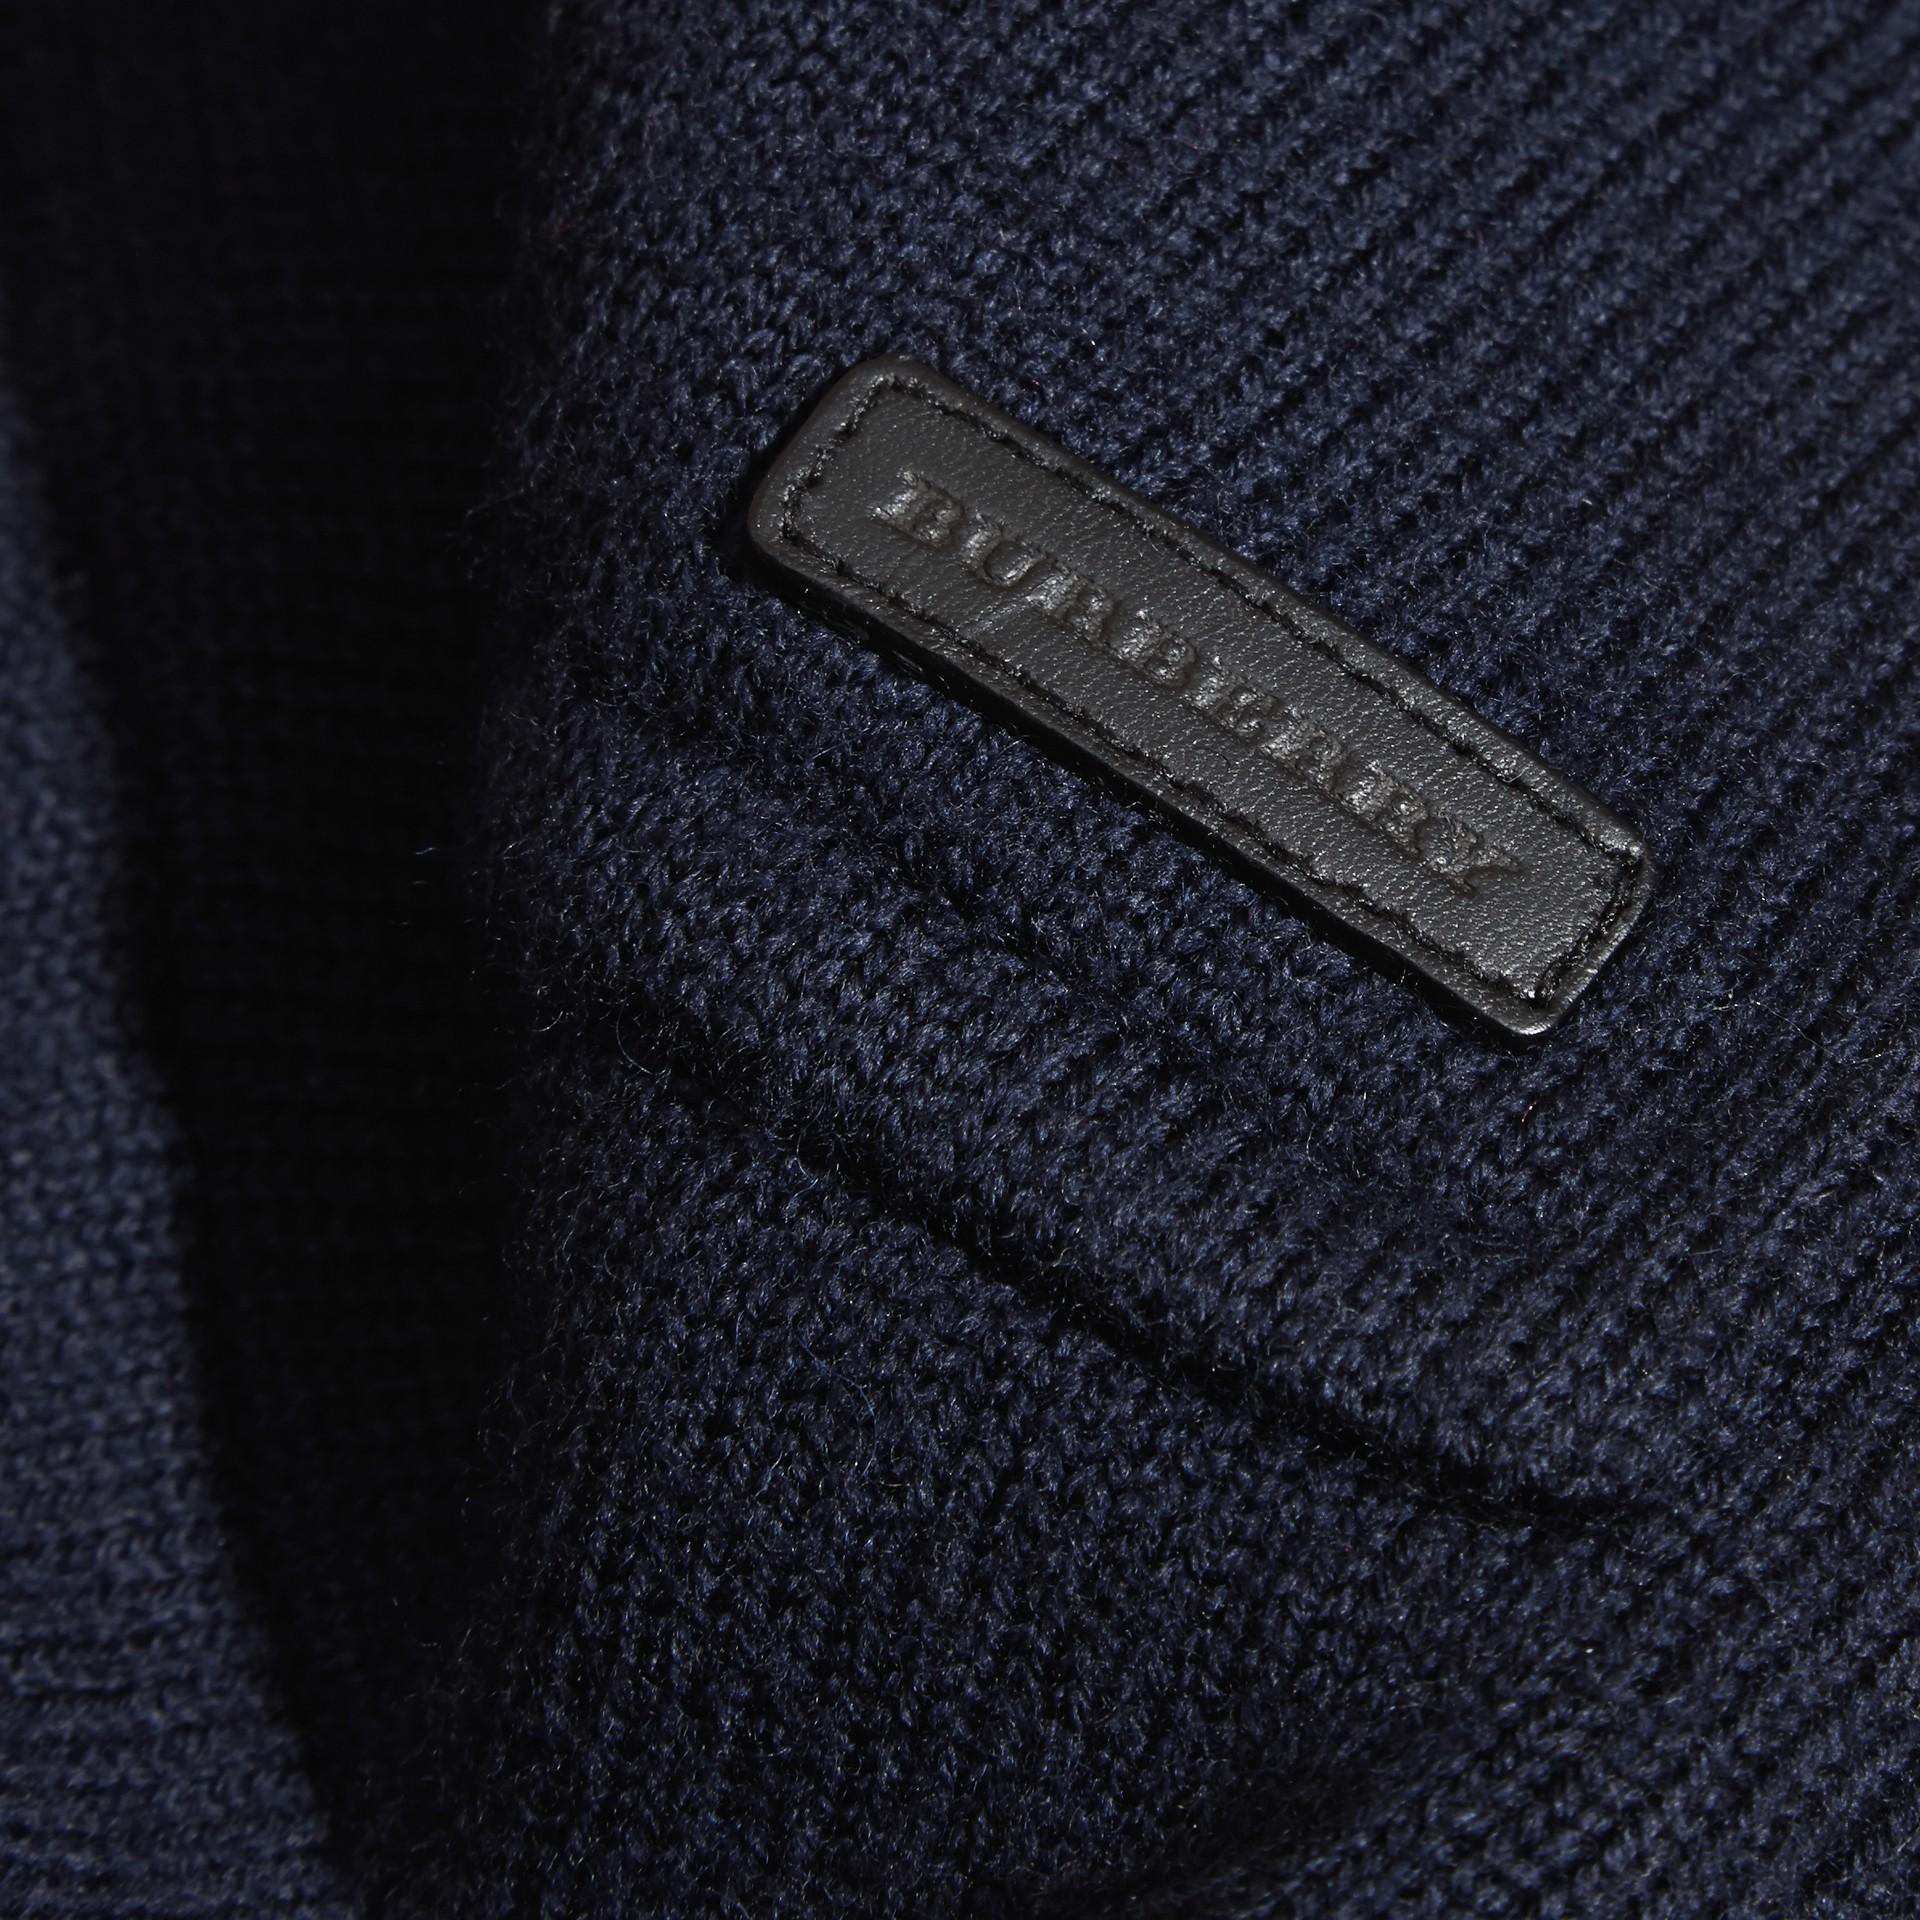 Темно-синий Полупальто из шерстяного трикотажа - изображение 2